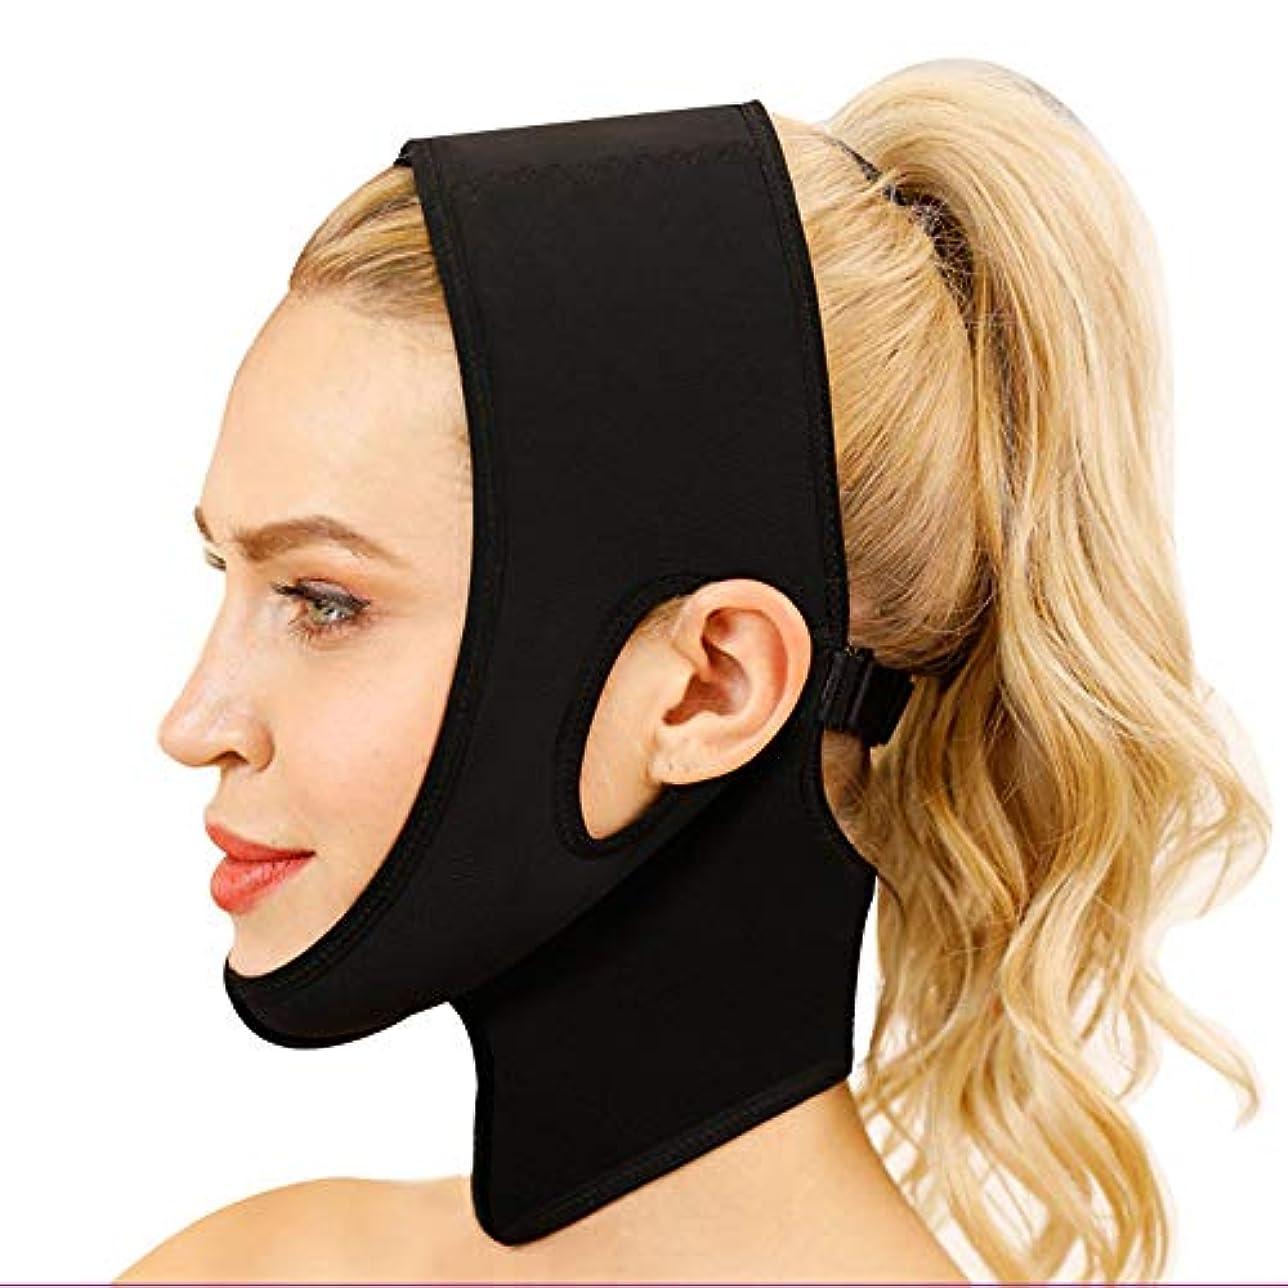 降下正確なマイクフェイスリフティングアーティファクト包帯、Vフェイスダブルチンリフティングフェイス引き締めストレッチ弾性成形ライン彫刻マスク(ブラック)